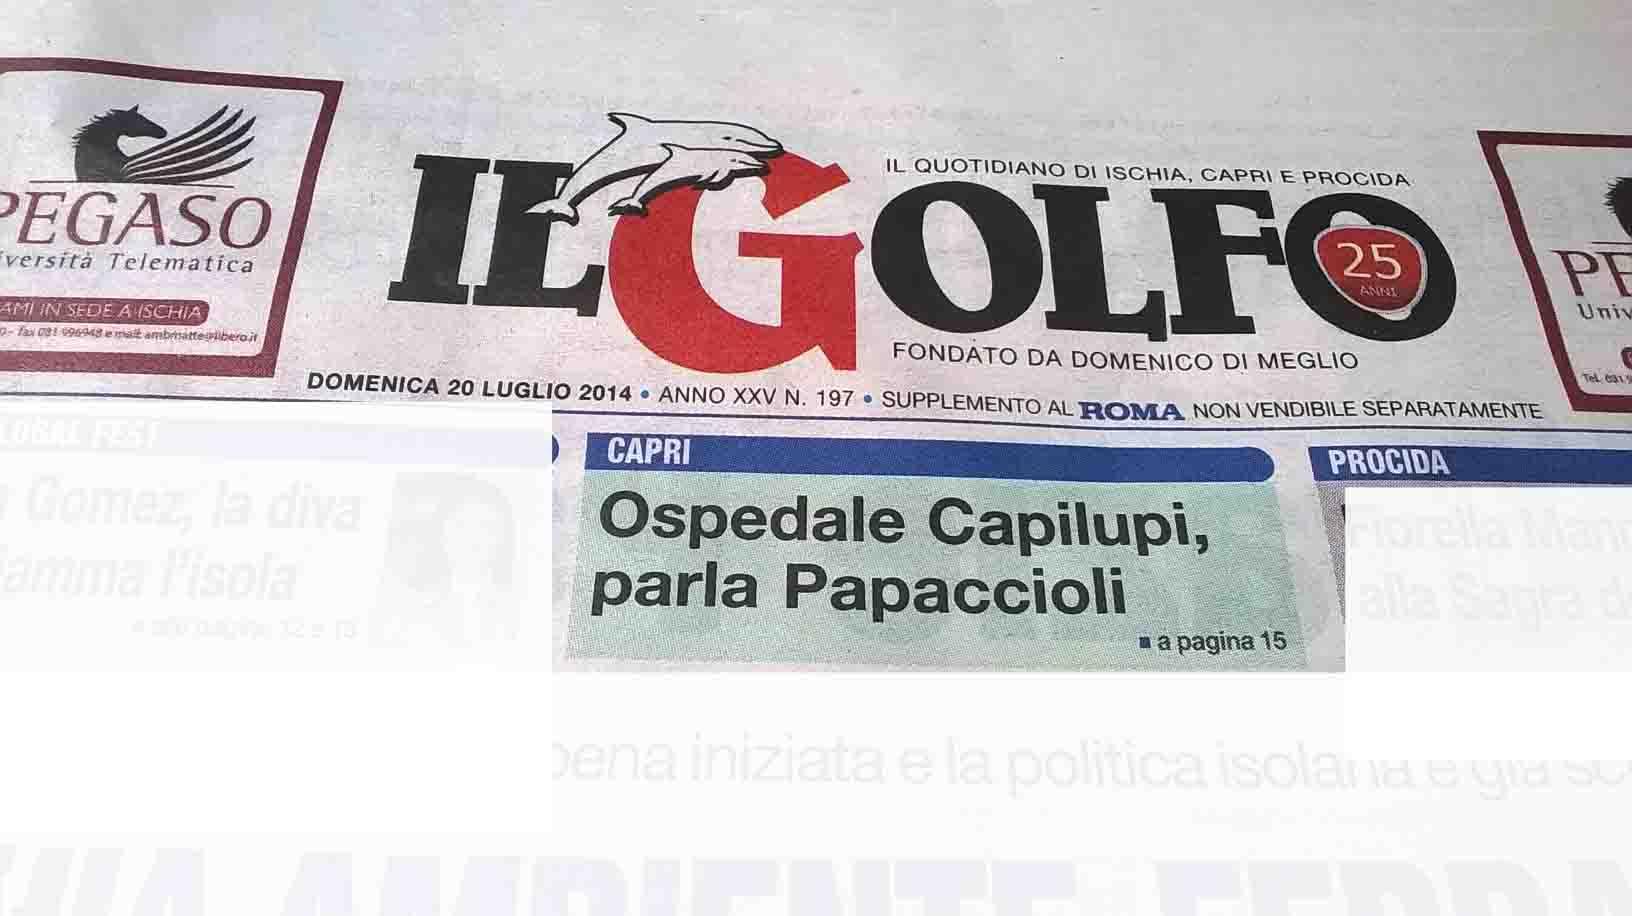 """Anteprima del quotidiano """"il golfo"""" in edicola domenica 20 Luglio"""